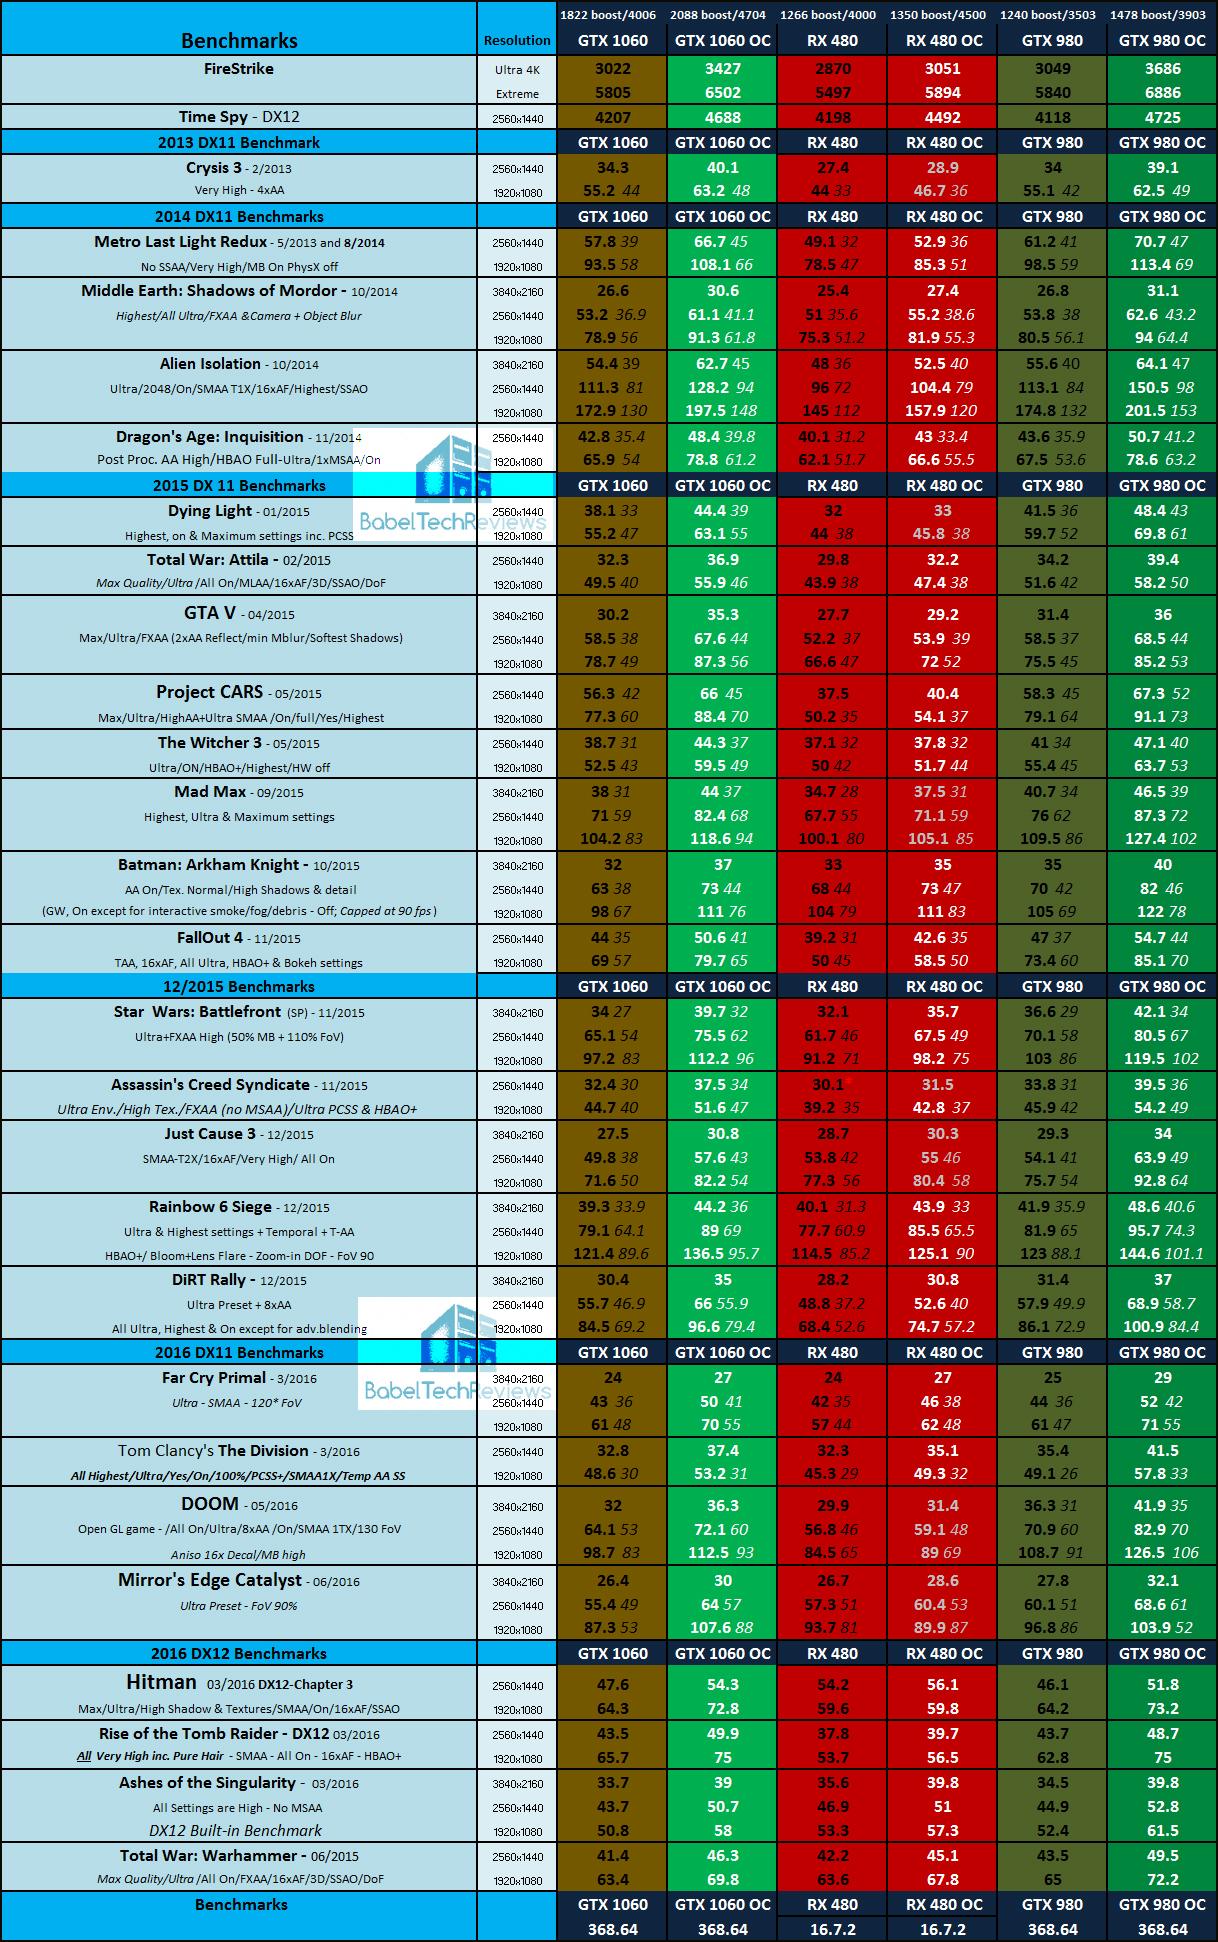 main-summary-OC-chart.jpg